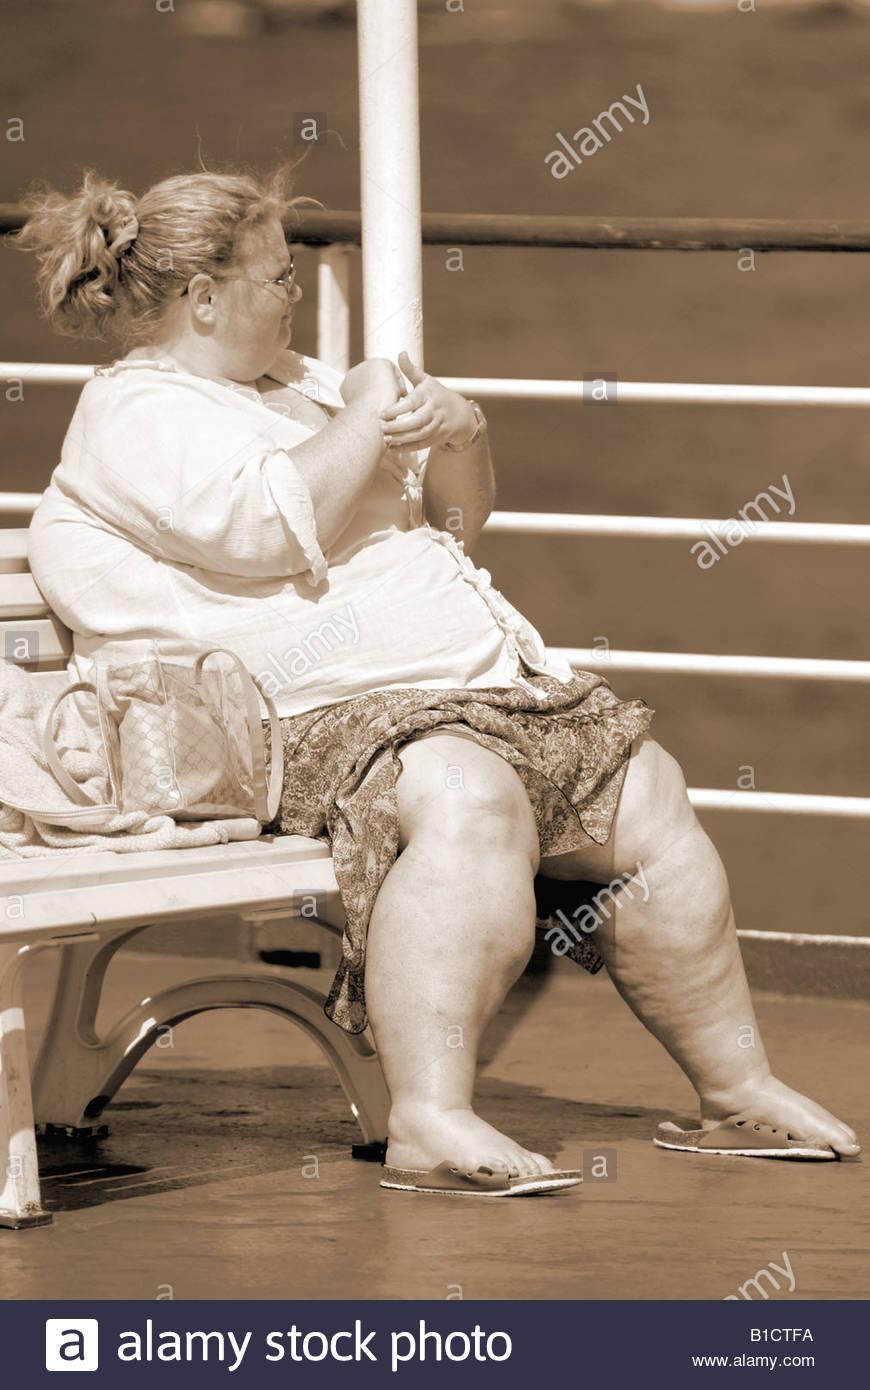 Grasa en adultos obesos persona apariencia anatómica de ...